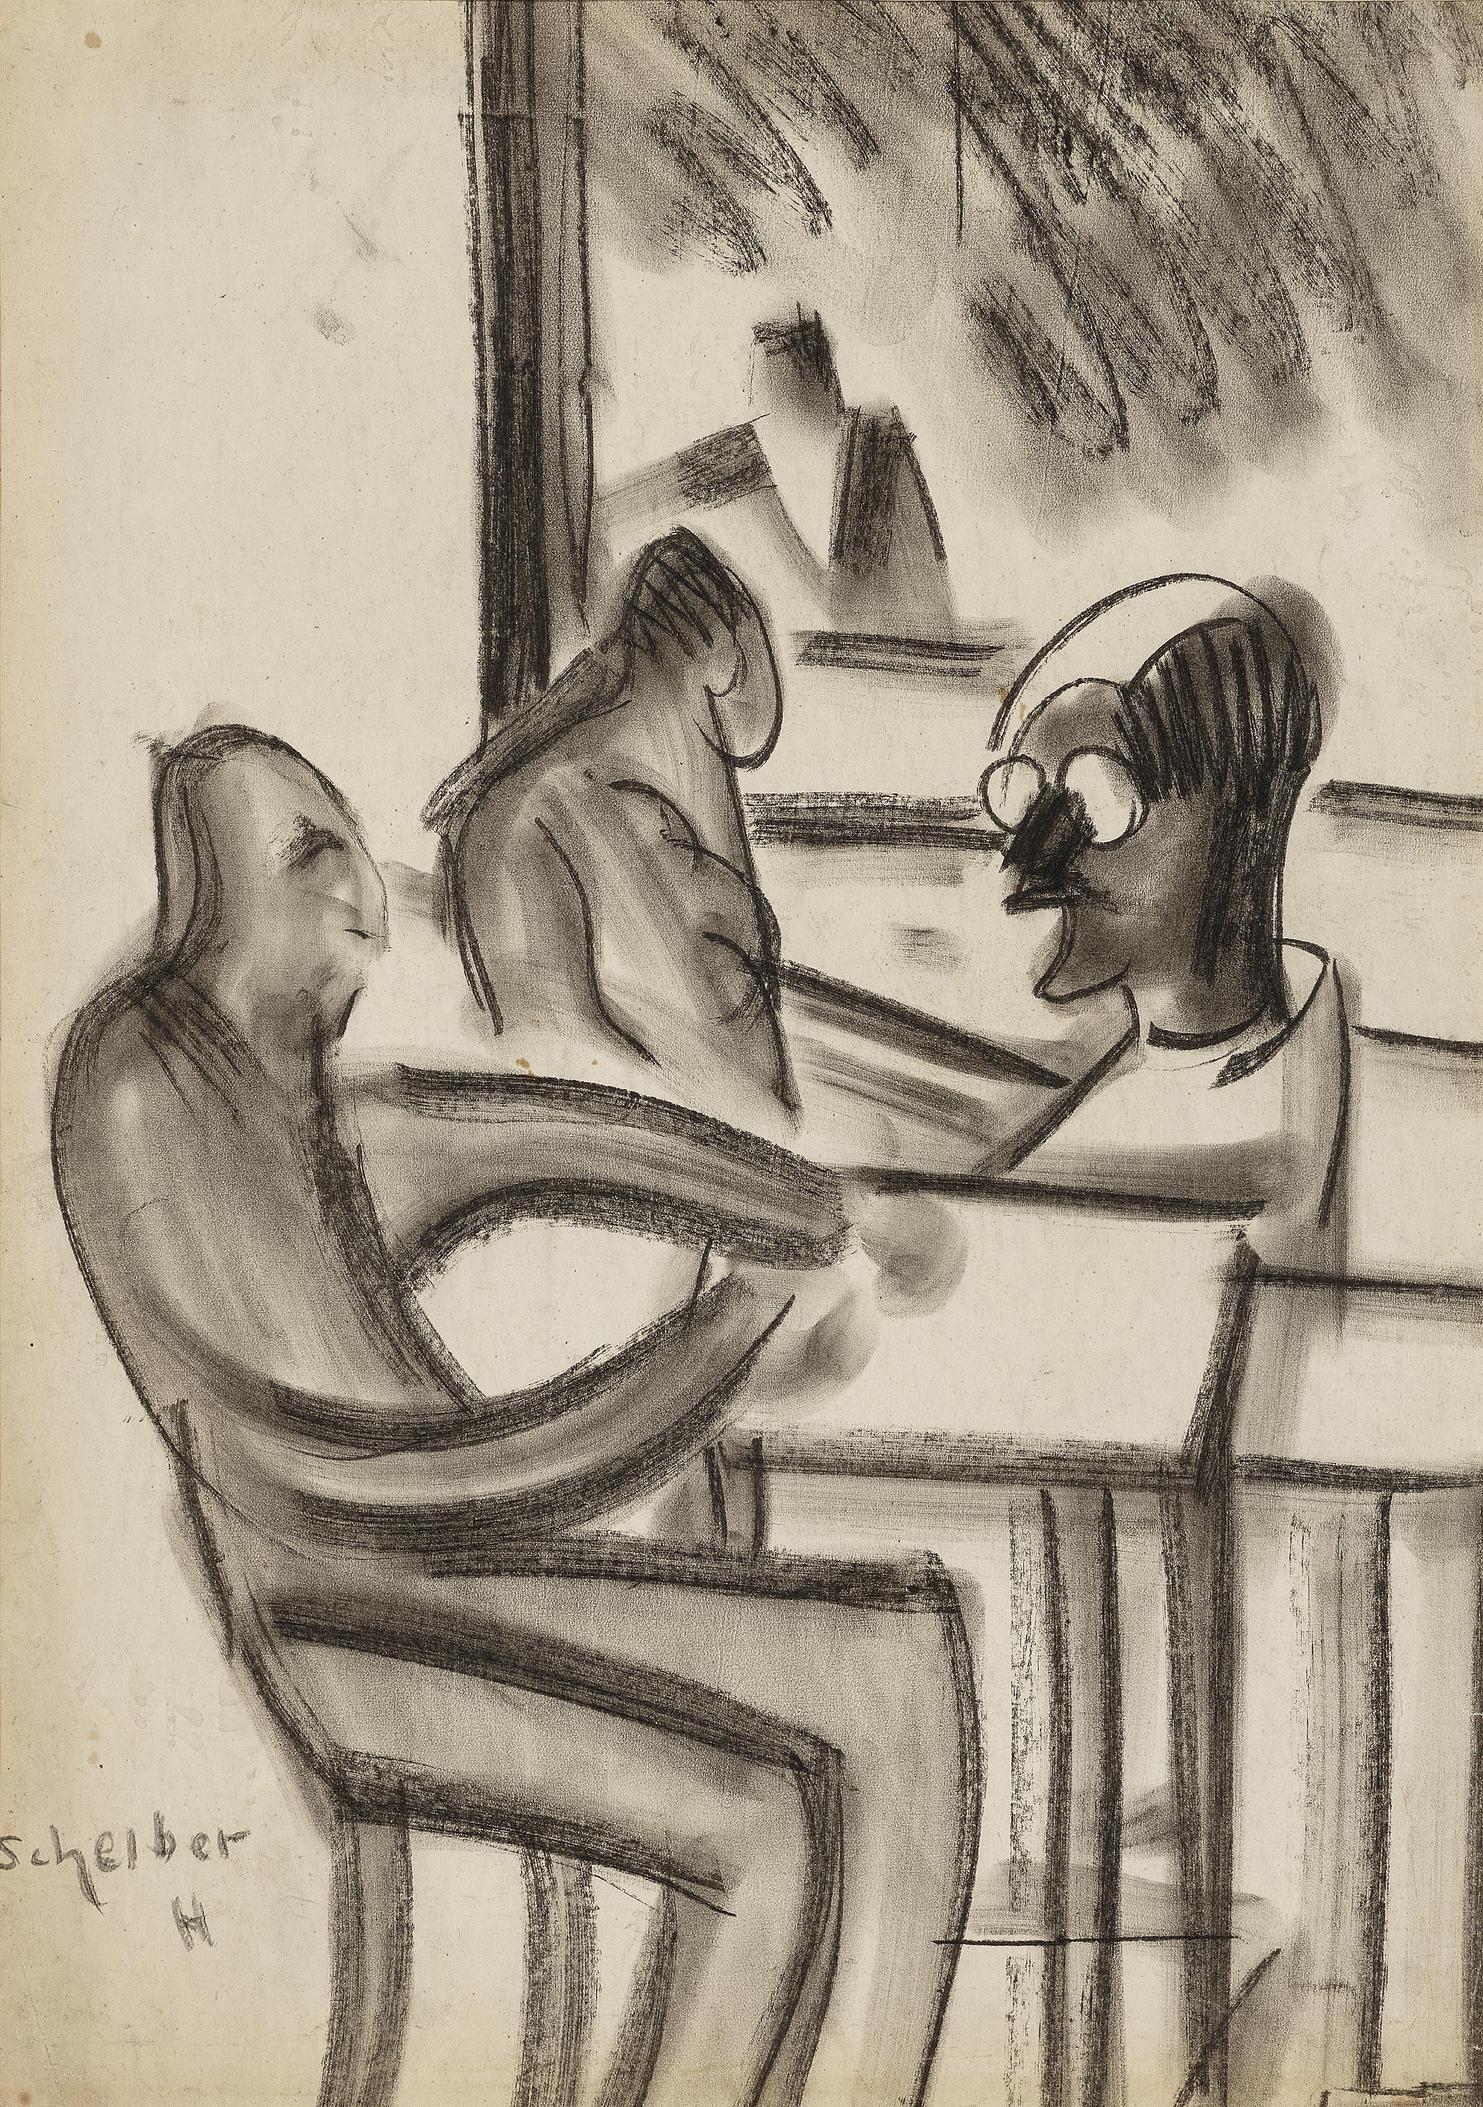 Hugo Scheiber-Bei Tisch (At the Table)-